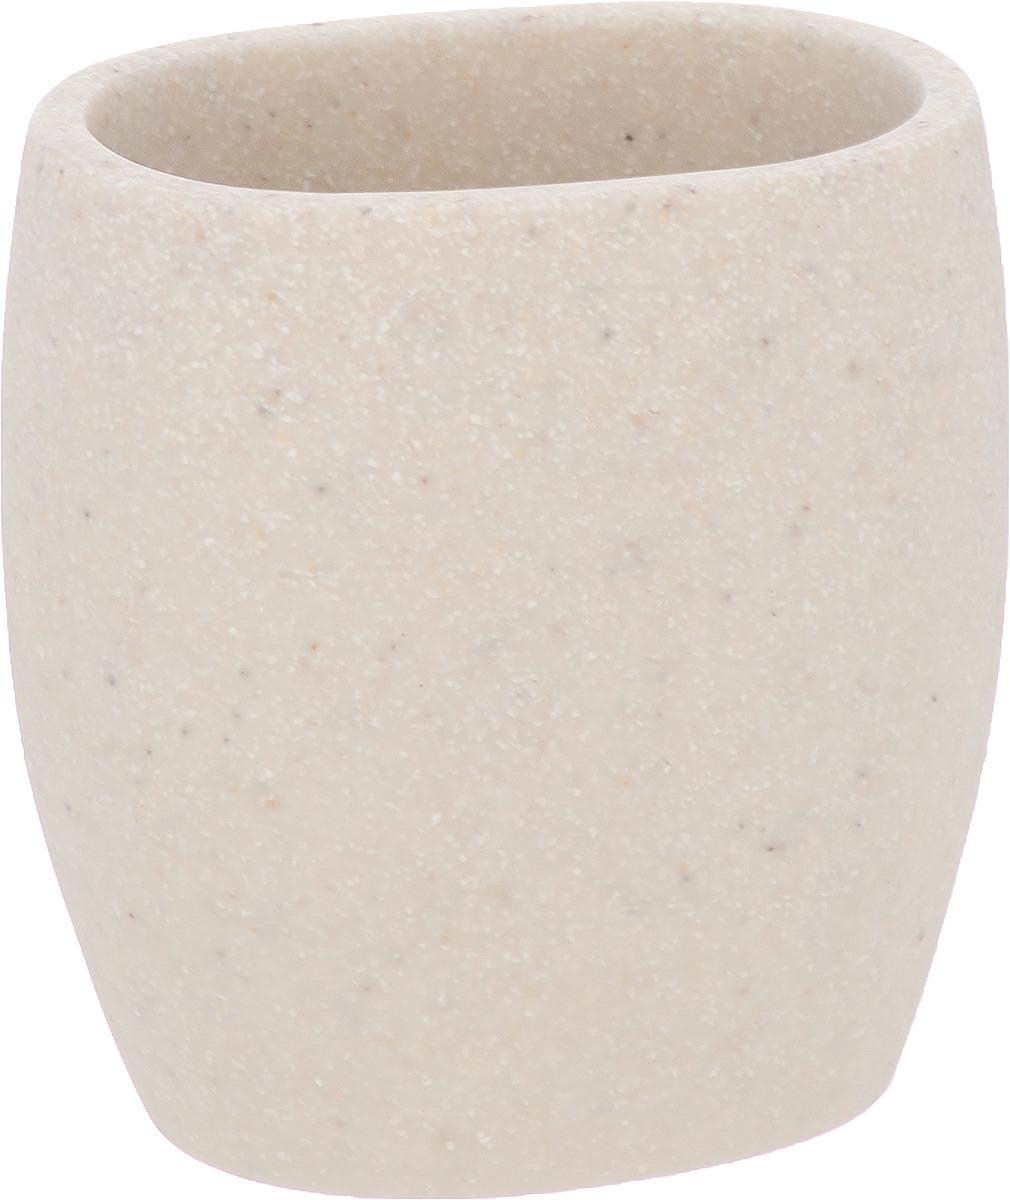 Стакан для ванной комнаты Wenko Puro, цвет: светло-бежевый стакан для ванной комнаты ridder stone цвет бежевый